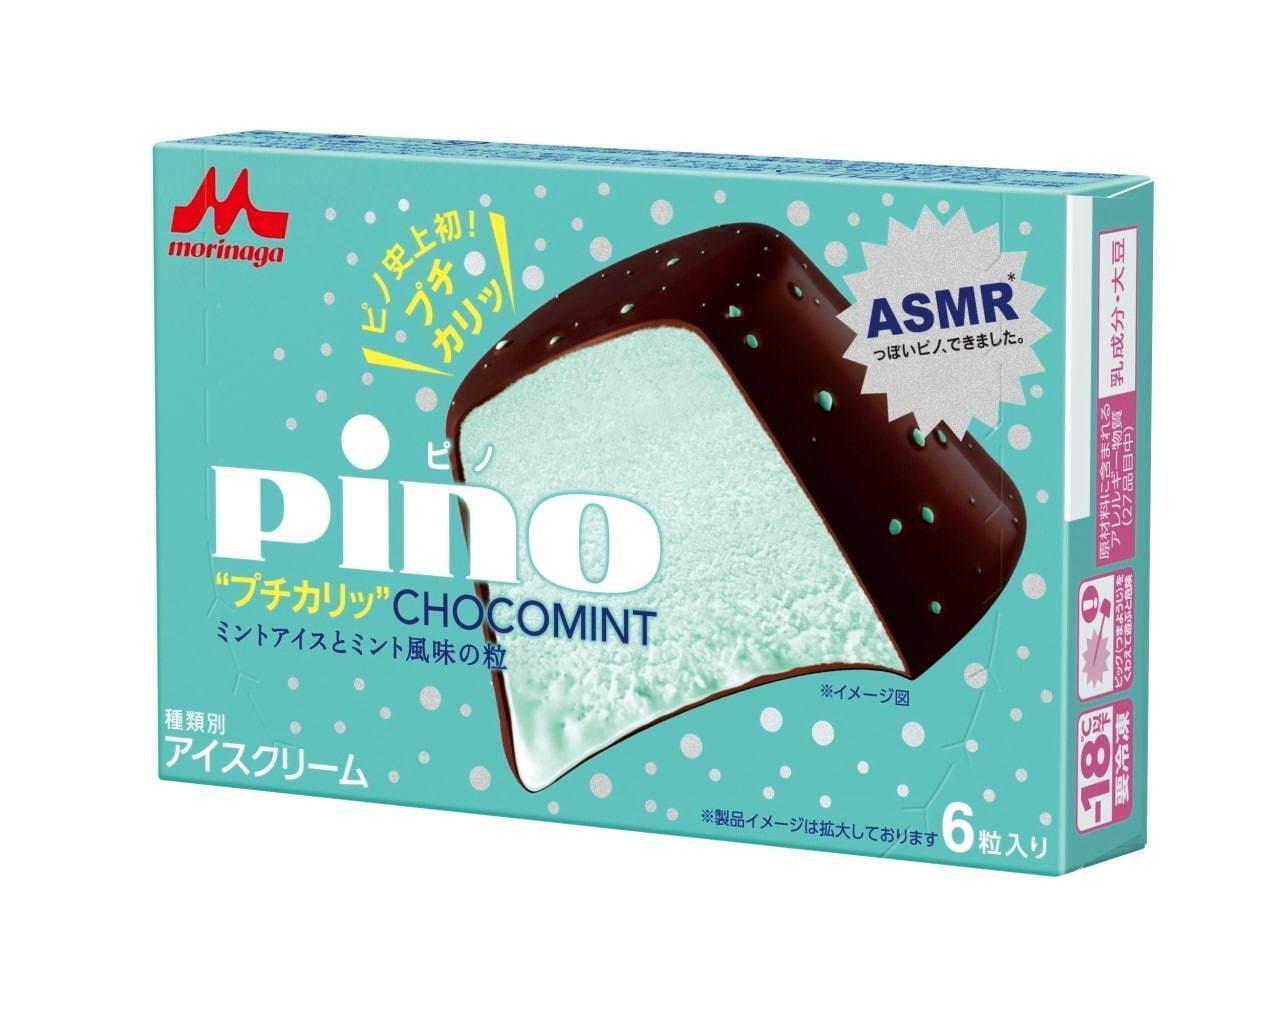 ホワイト 板 チョコ アイス